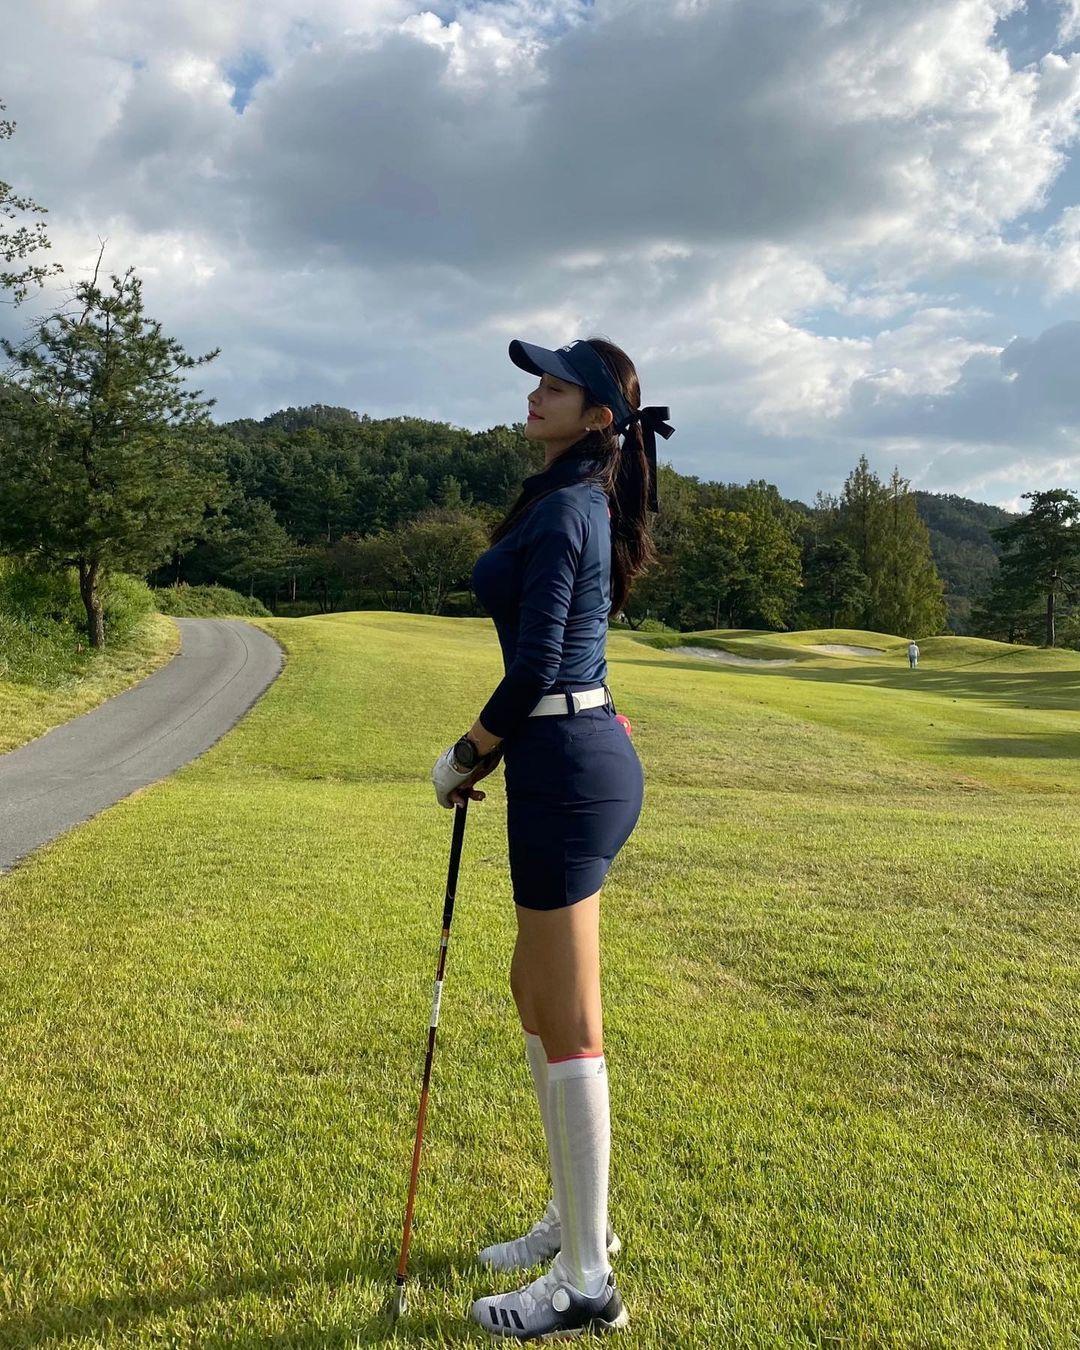 韩国美女主播「尹浩延」爱打高尔夫.球衣衬托超吸睛 养眼图片 第11张